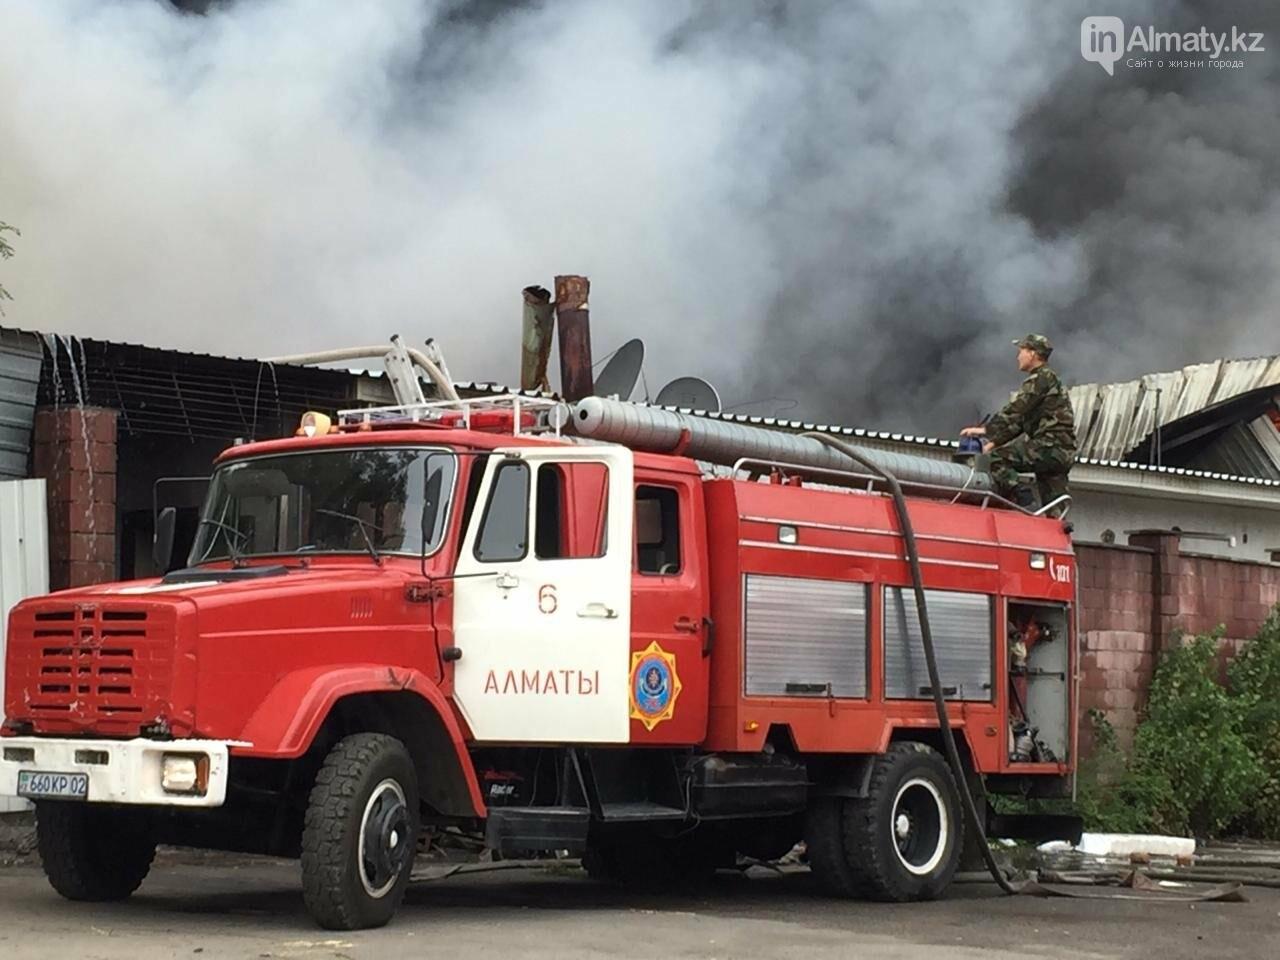 Пожар на складе рынка в Алматы: вертолеты направили на тушение, фото-5